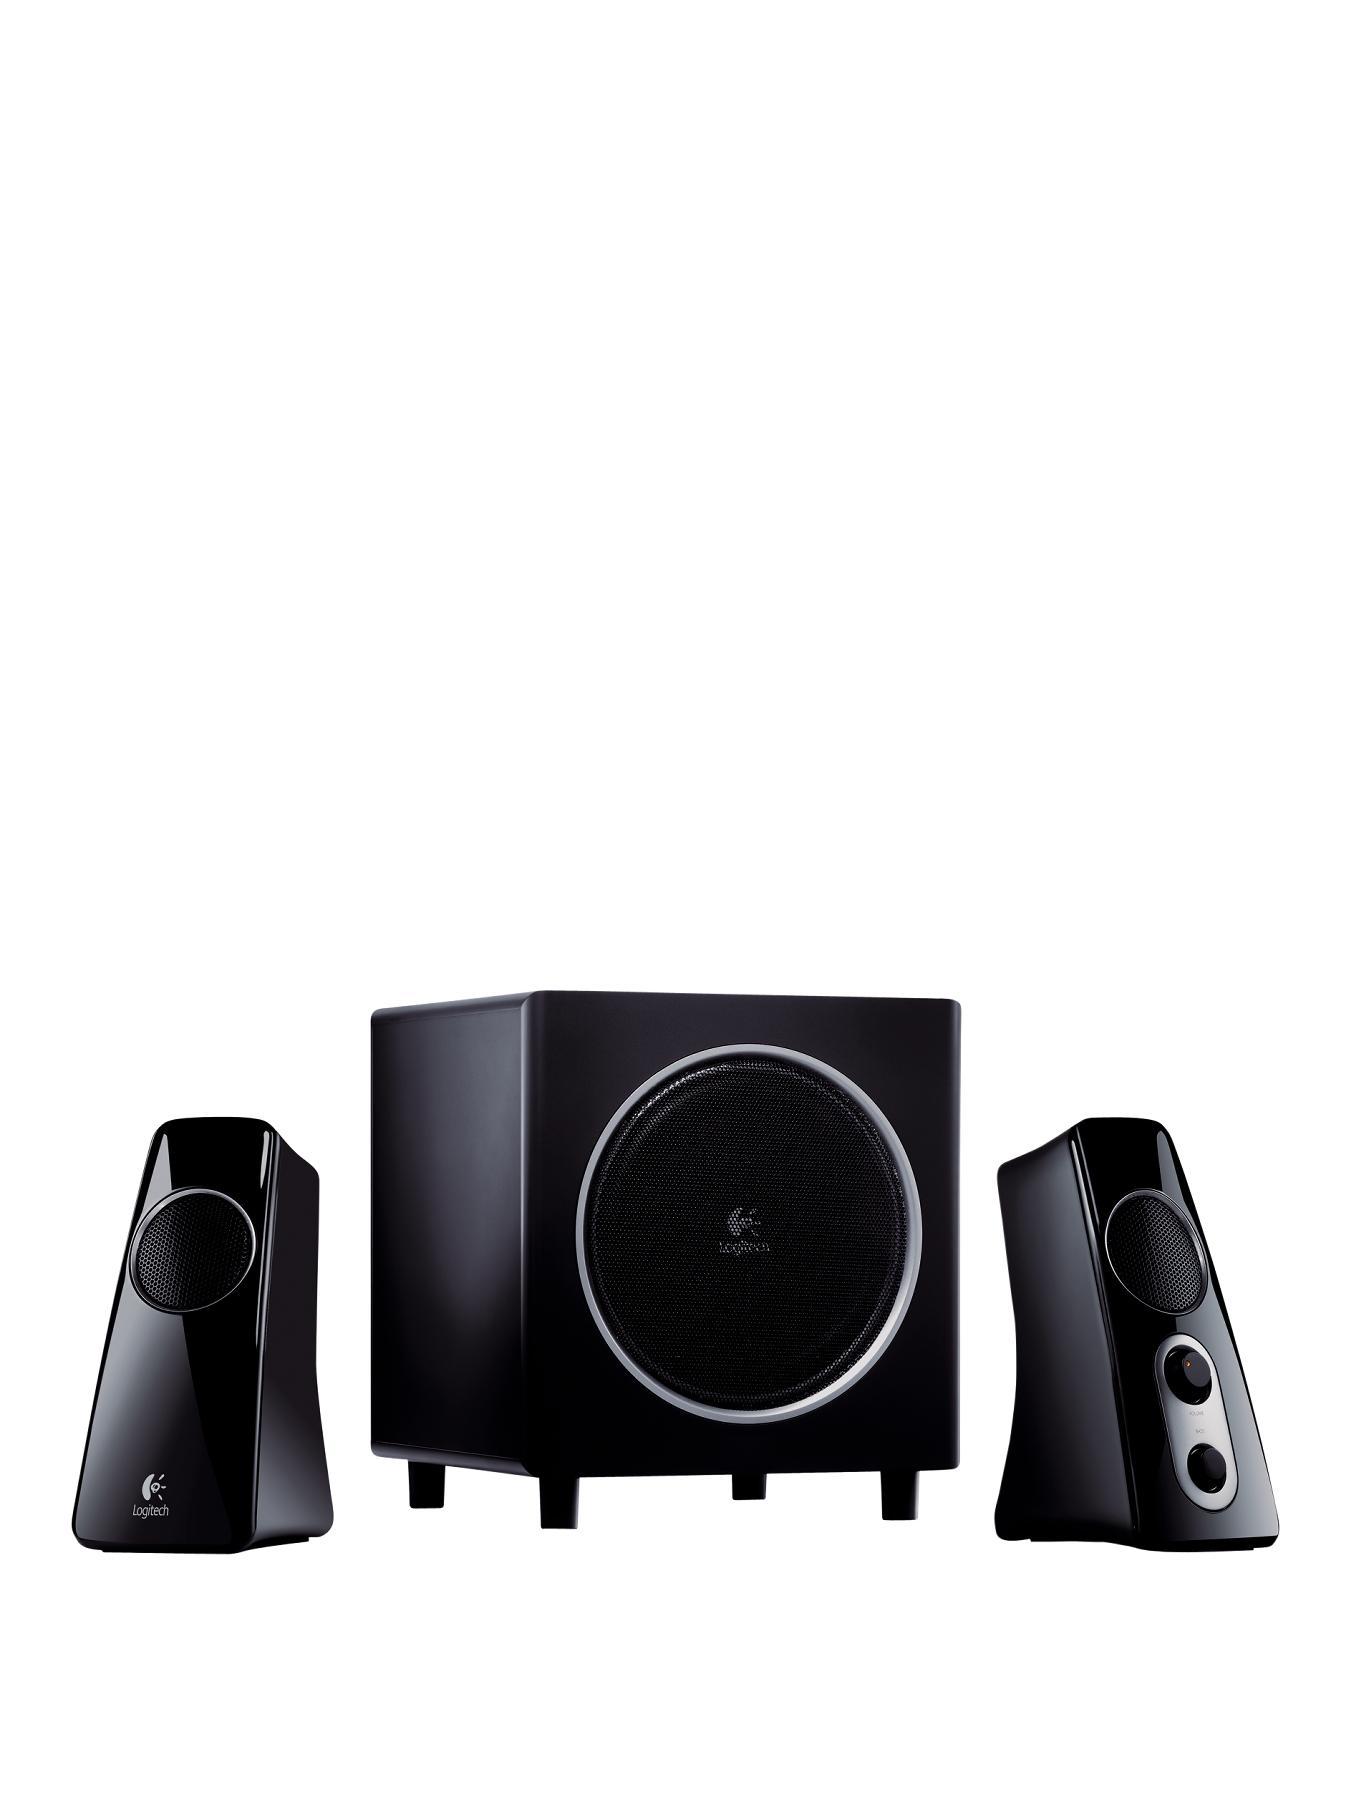 Z523 Speakers